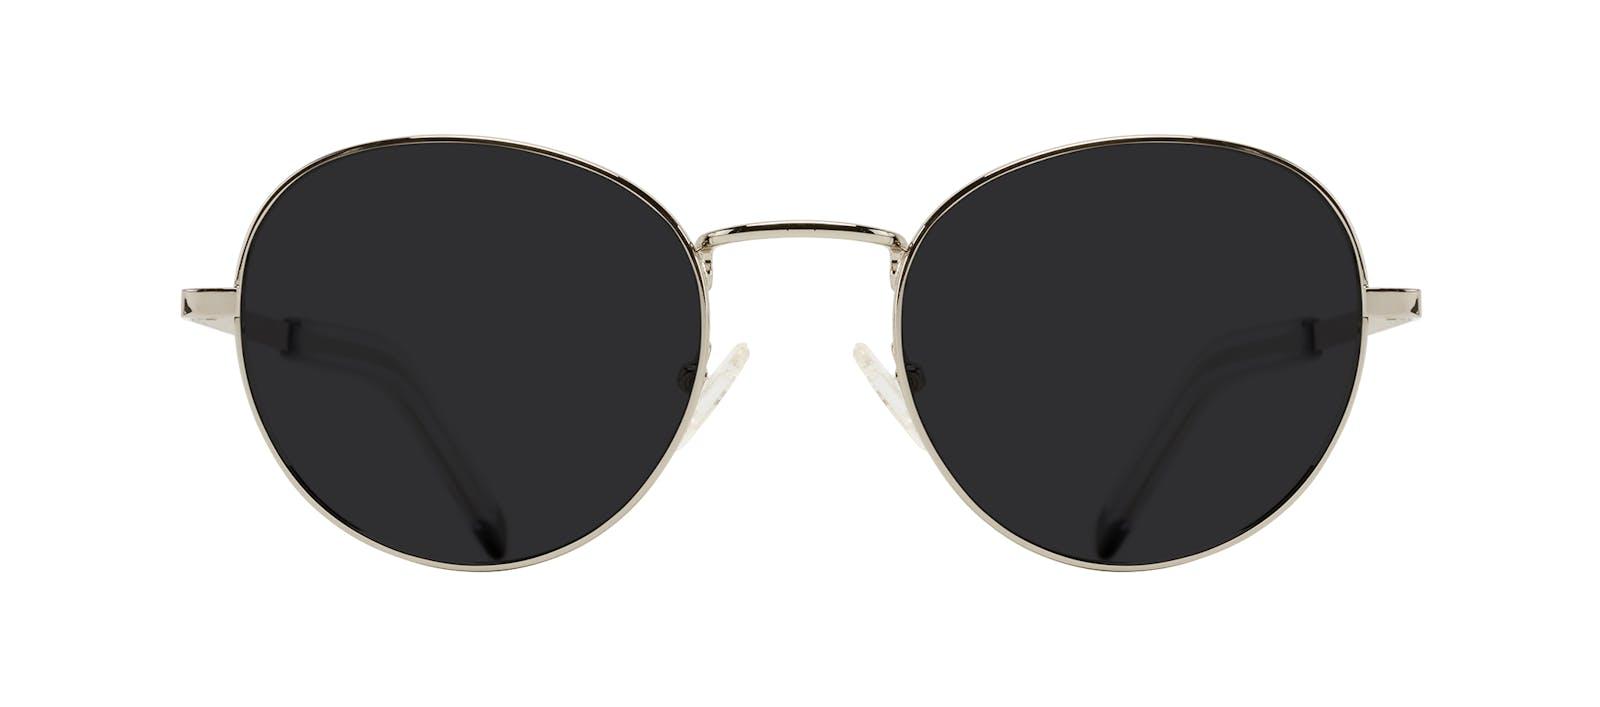 e3e1337cc6 Affordable Fashion Glasses Round Sunglasses Men Lean XL Silver Front